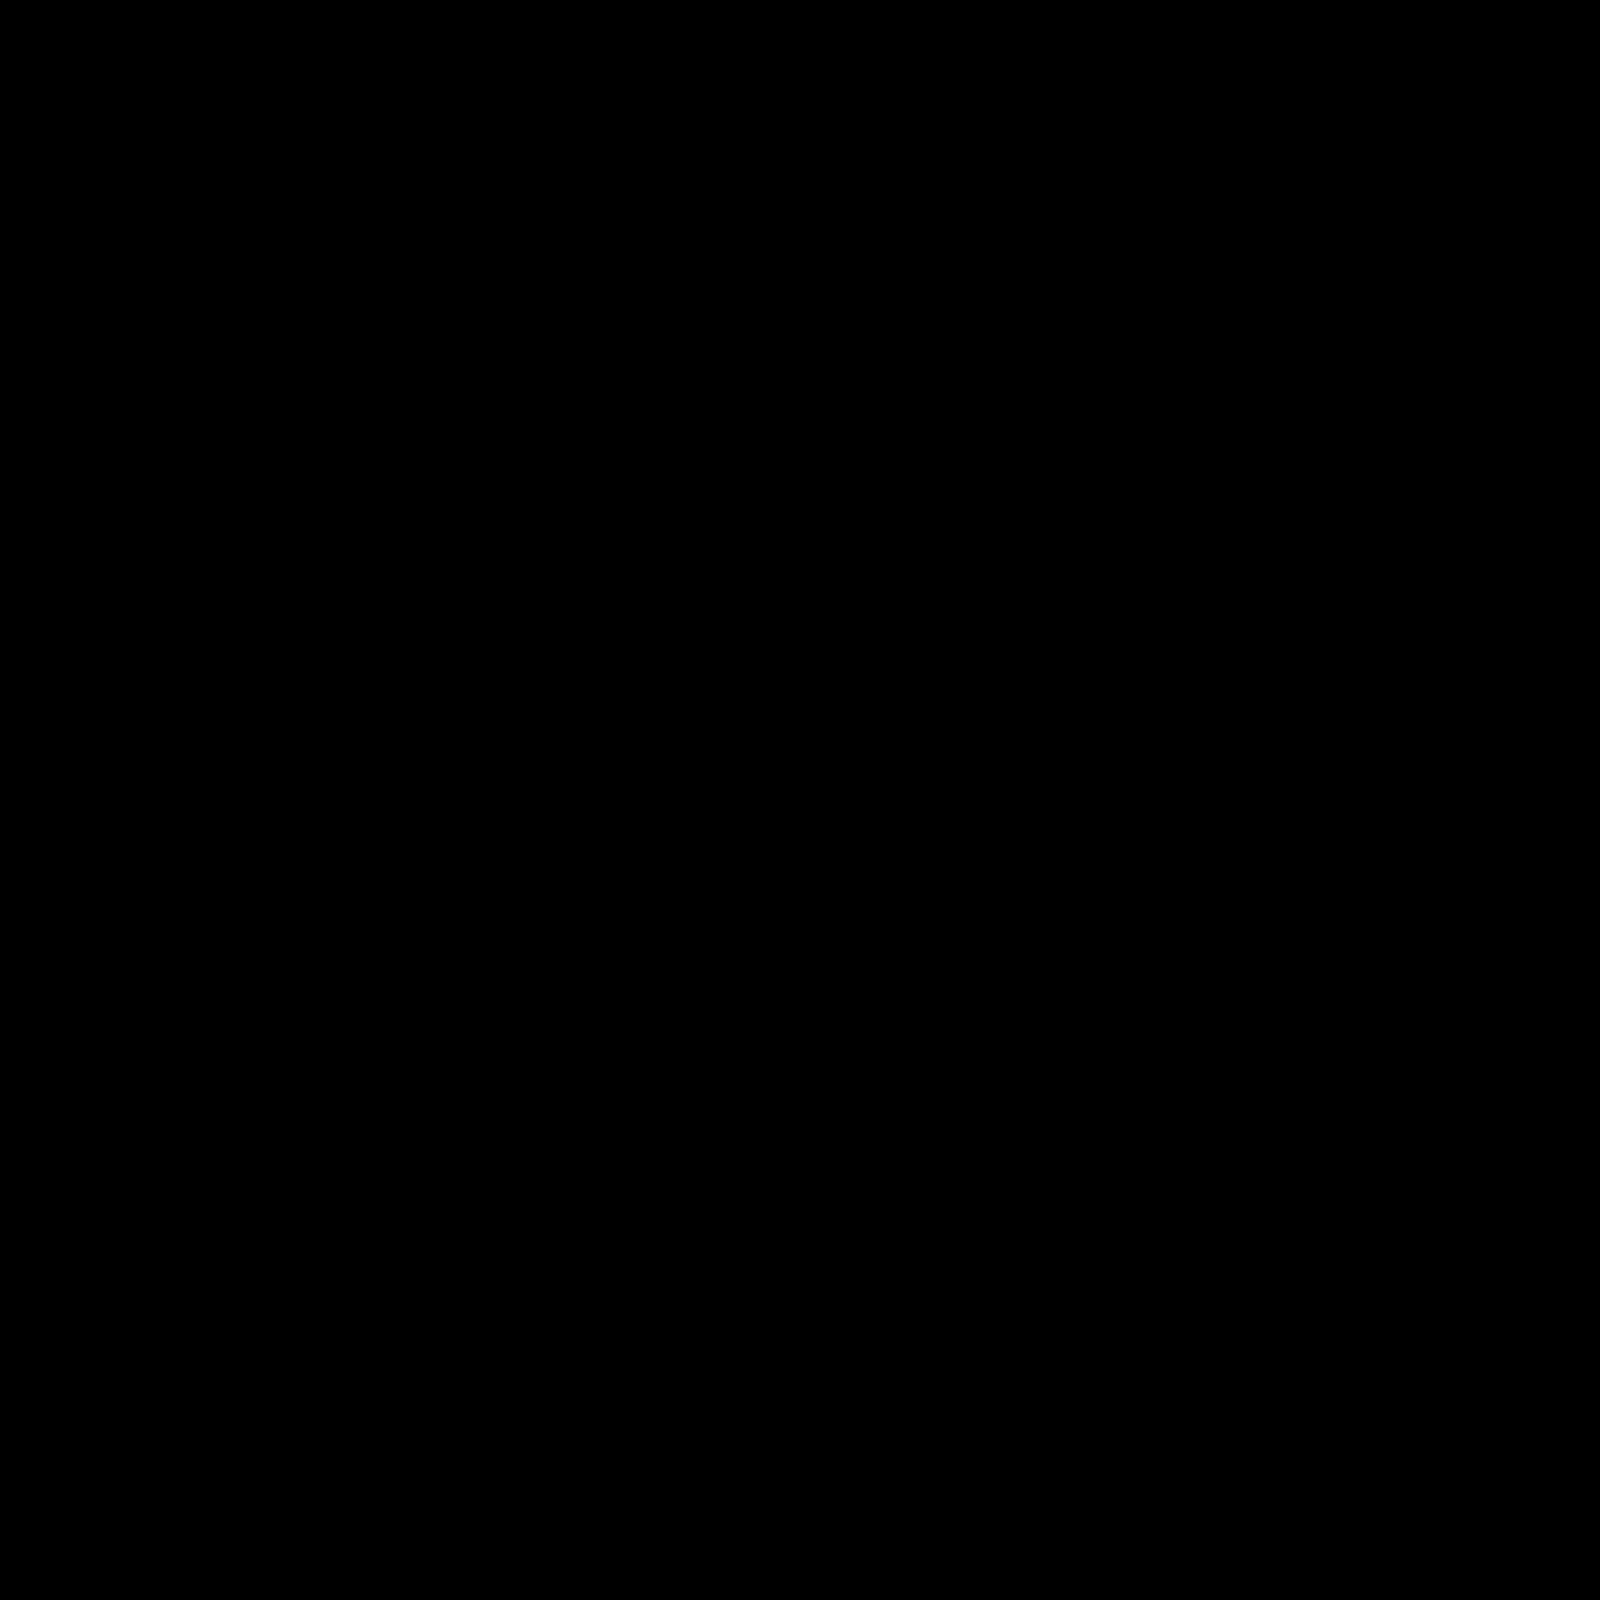 8  в закрашенном квадрате icon